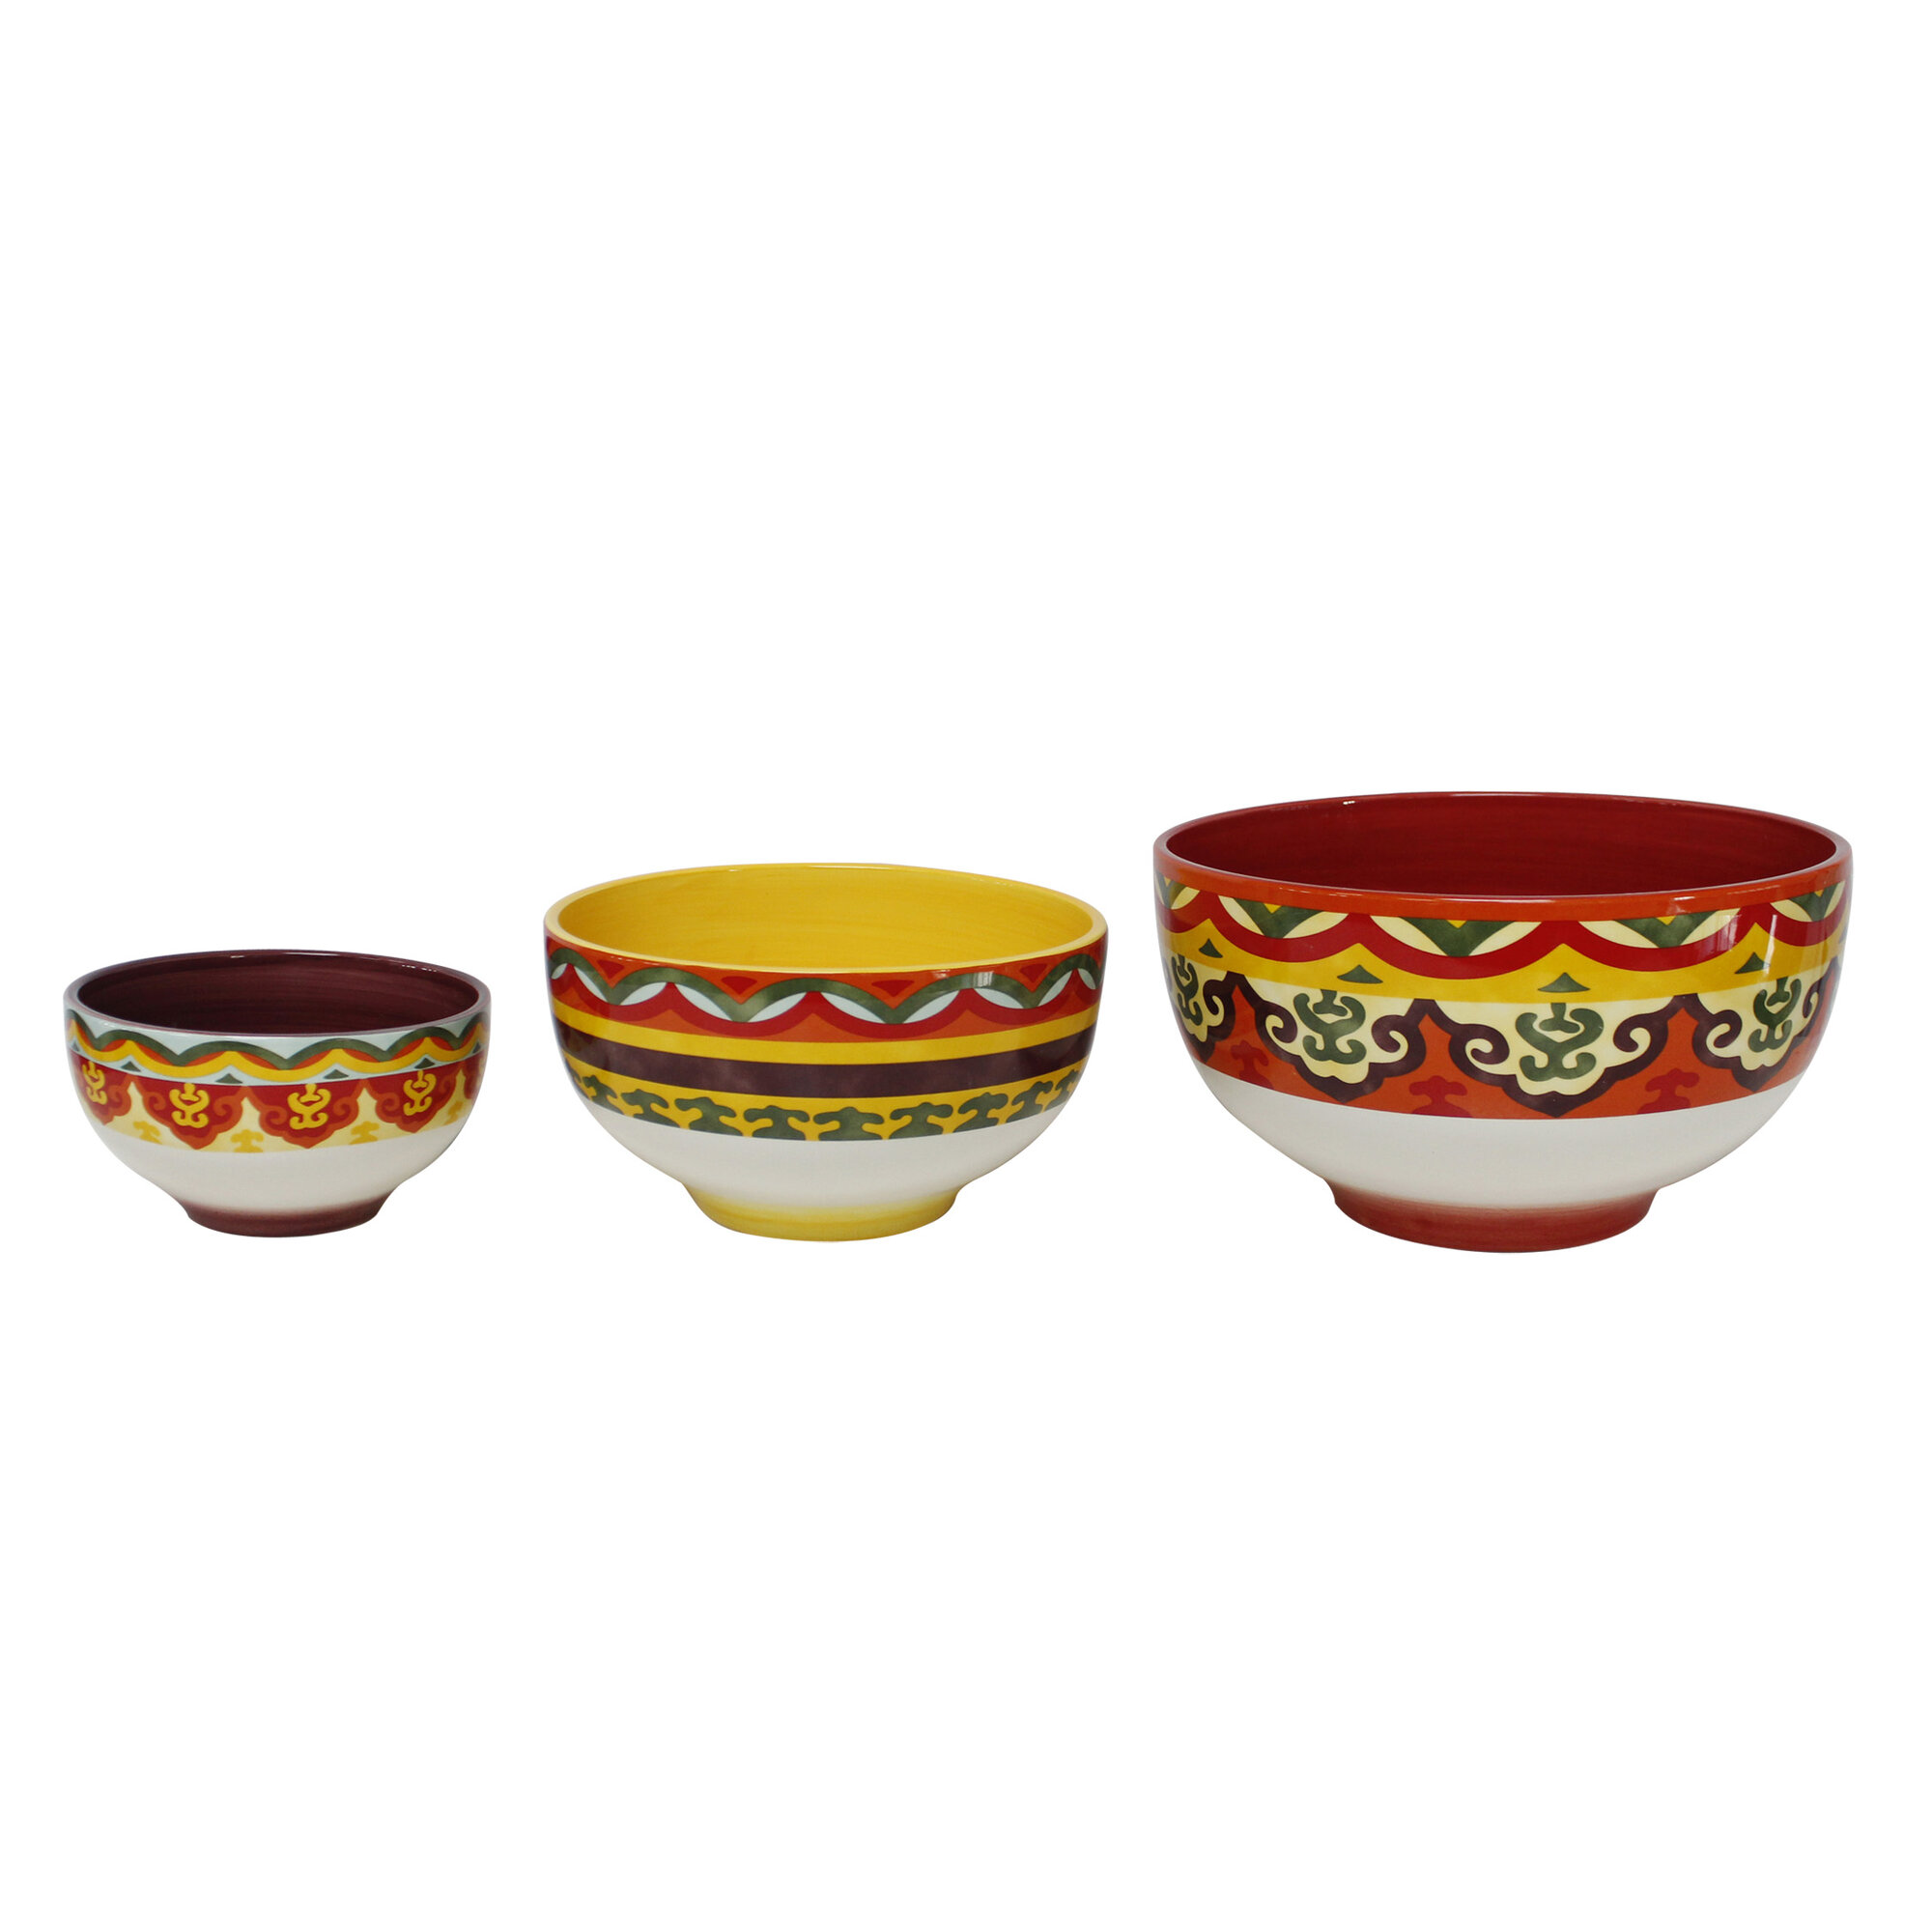 euro ceramica galicia 3 piece ceramic mixing bowl set ebay. Black Bedroom Furniture Sets. Home Design Ideas